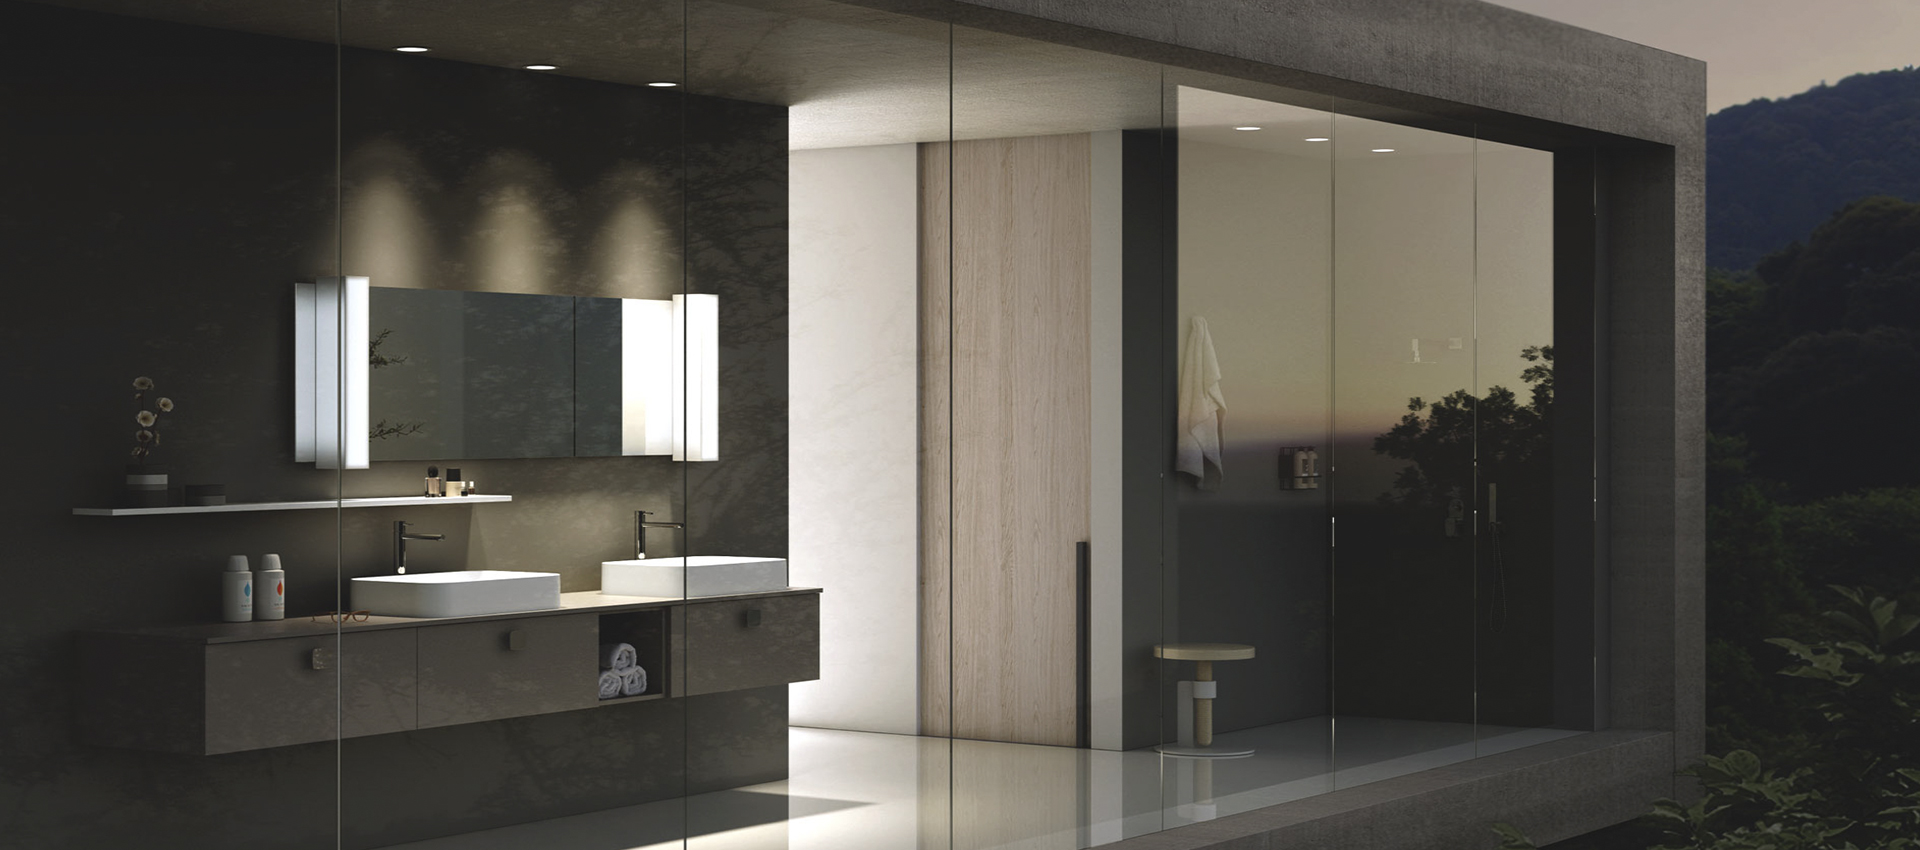 Produzione mobili bagno brianza cheap bagno moderno brianza compab arredamenti e mobili brianza - Arredo bagno verona e provincia ...